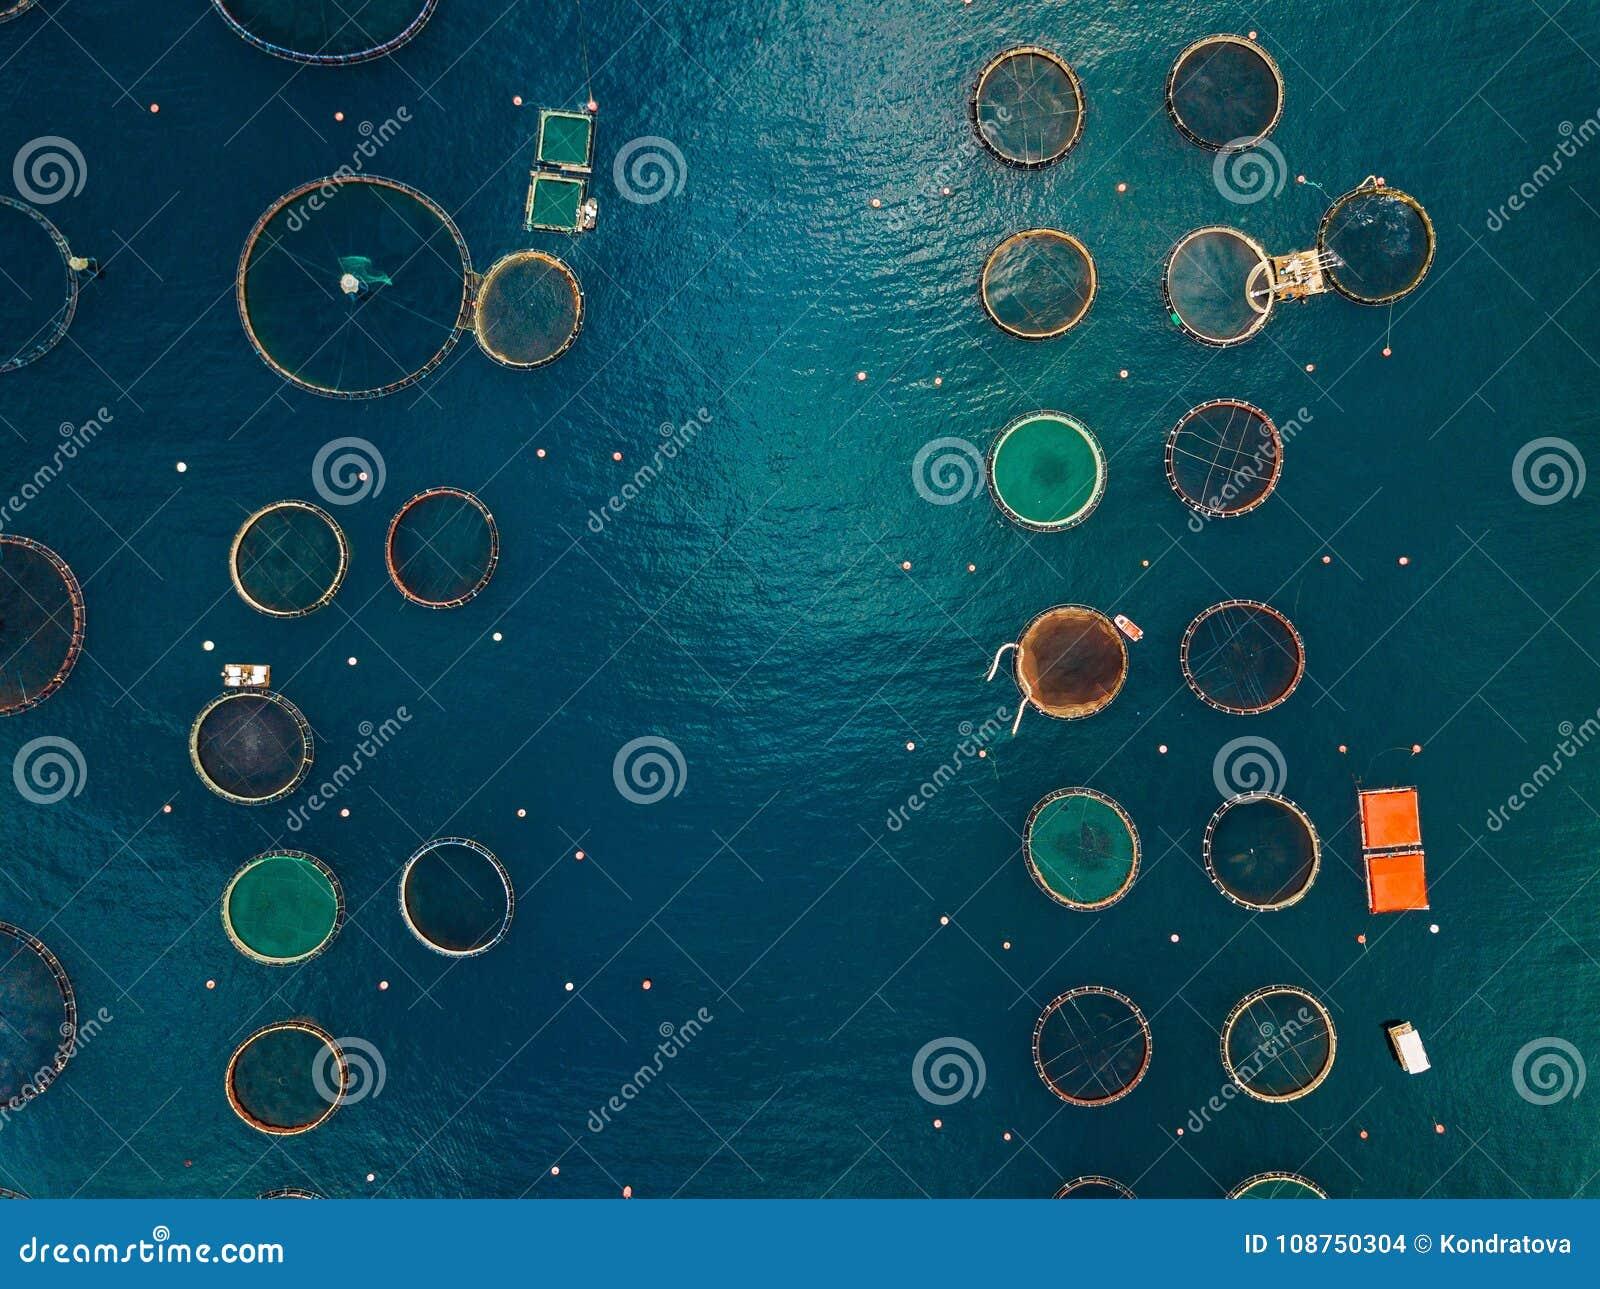 Salmon рыбоводческое хозяйство с плавая клетками вид с воздуха